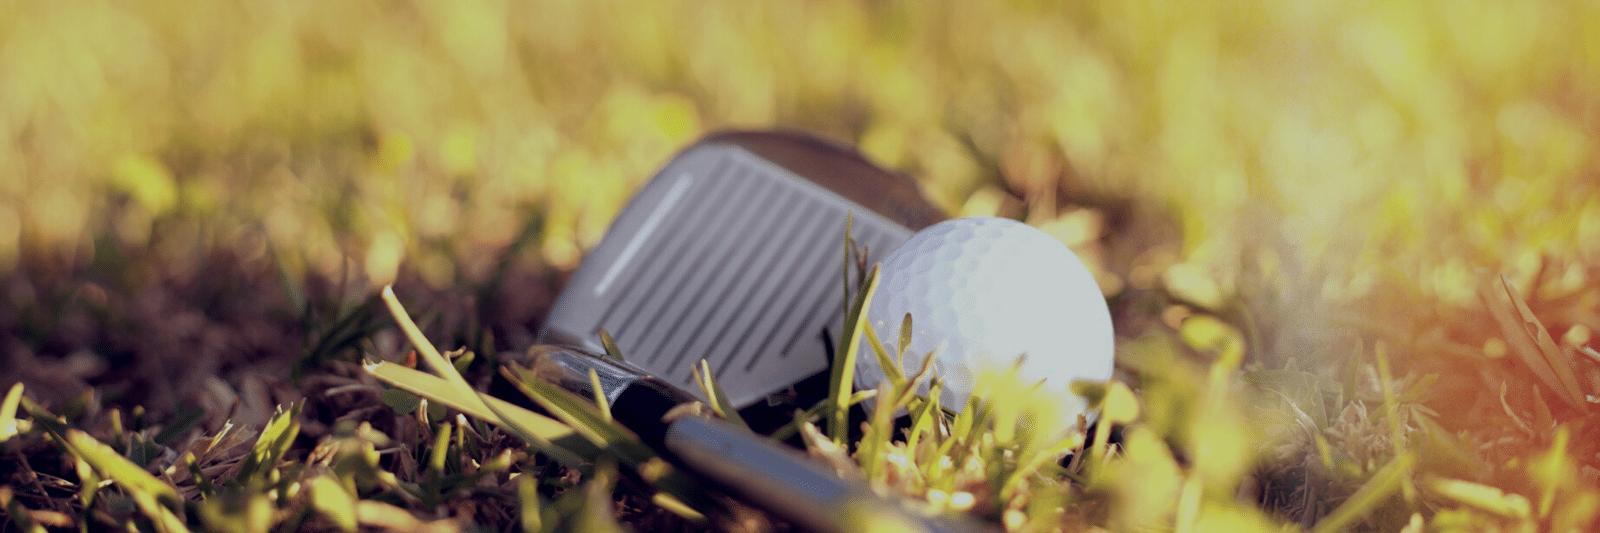 2020 Winter Golf Tournament